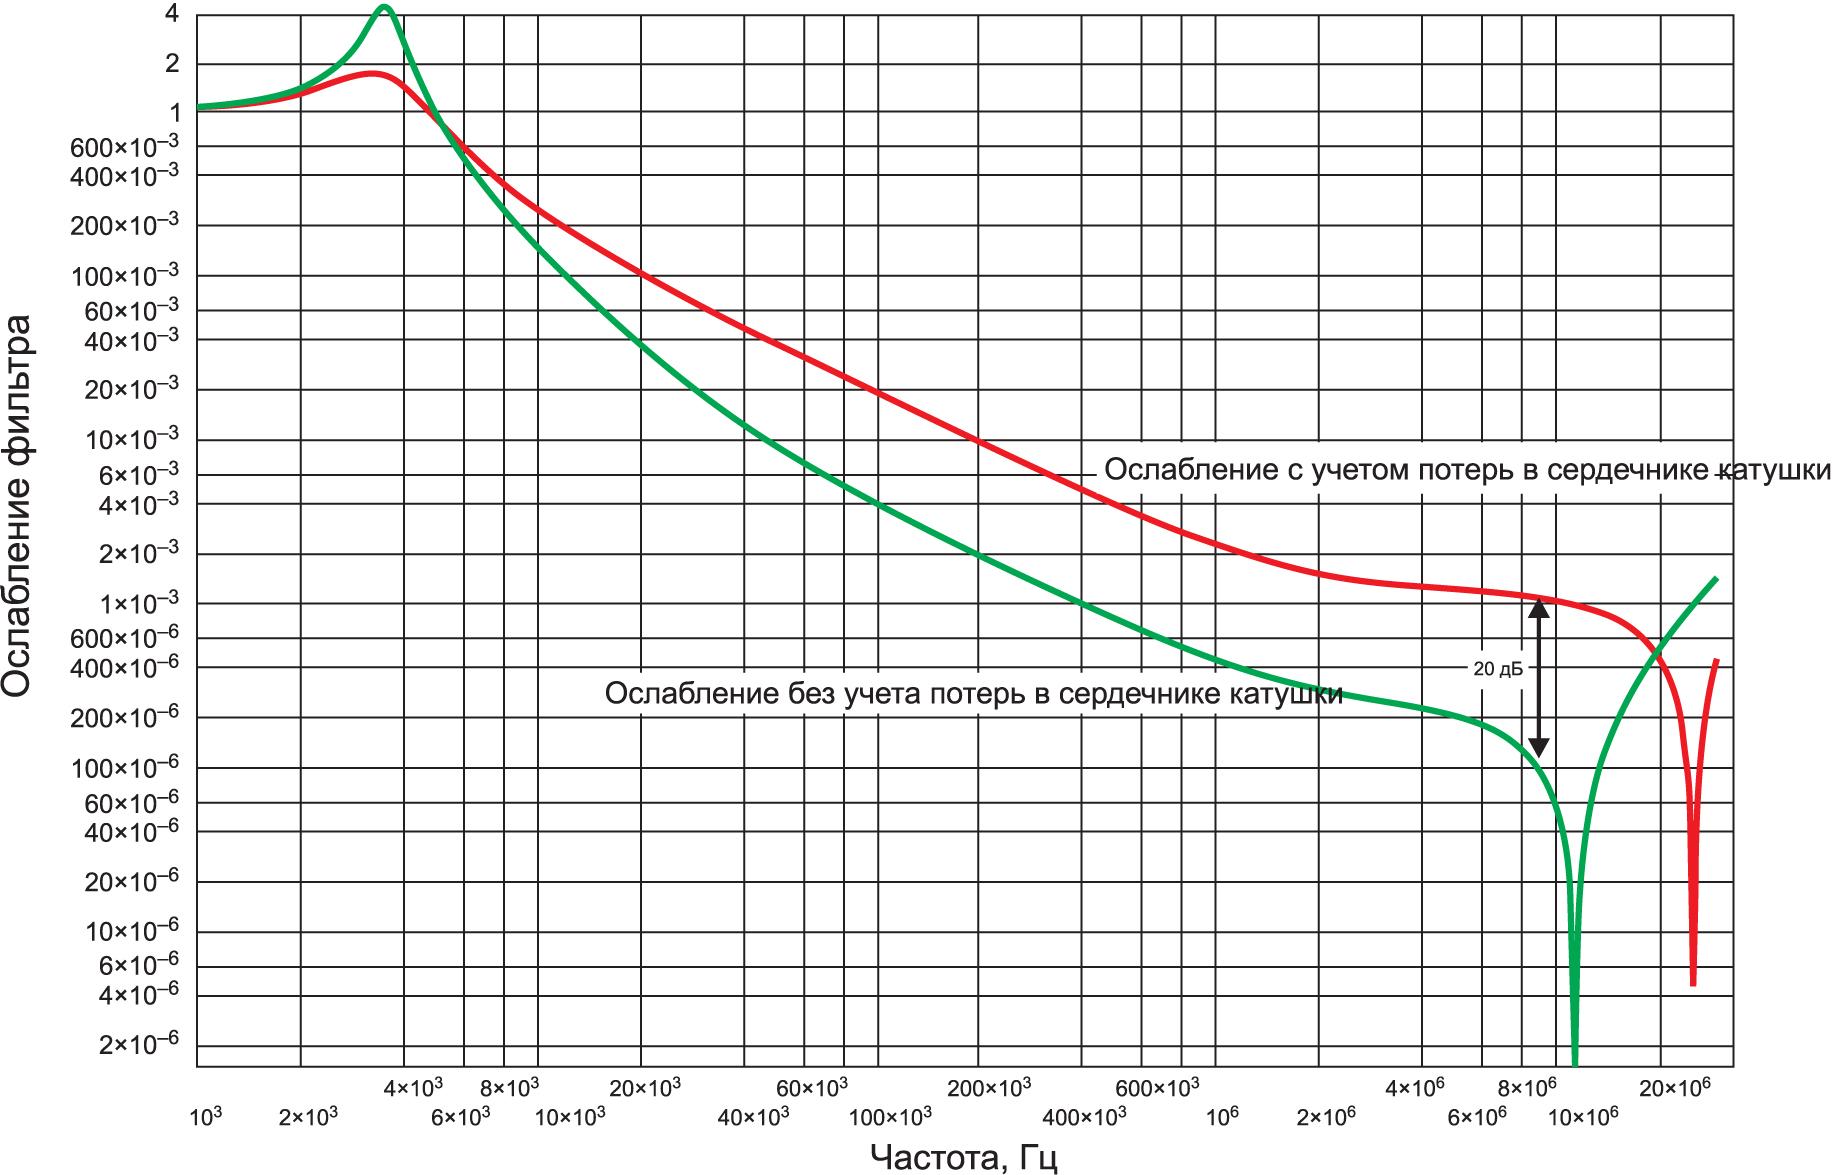 Ослабление, вносимое LC-фильтром с учетом потерь в сердечнике